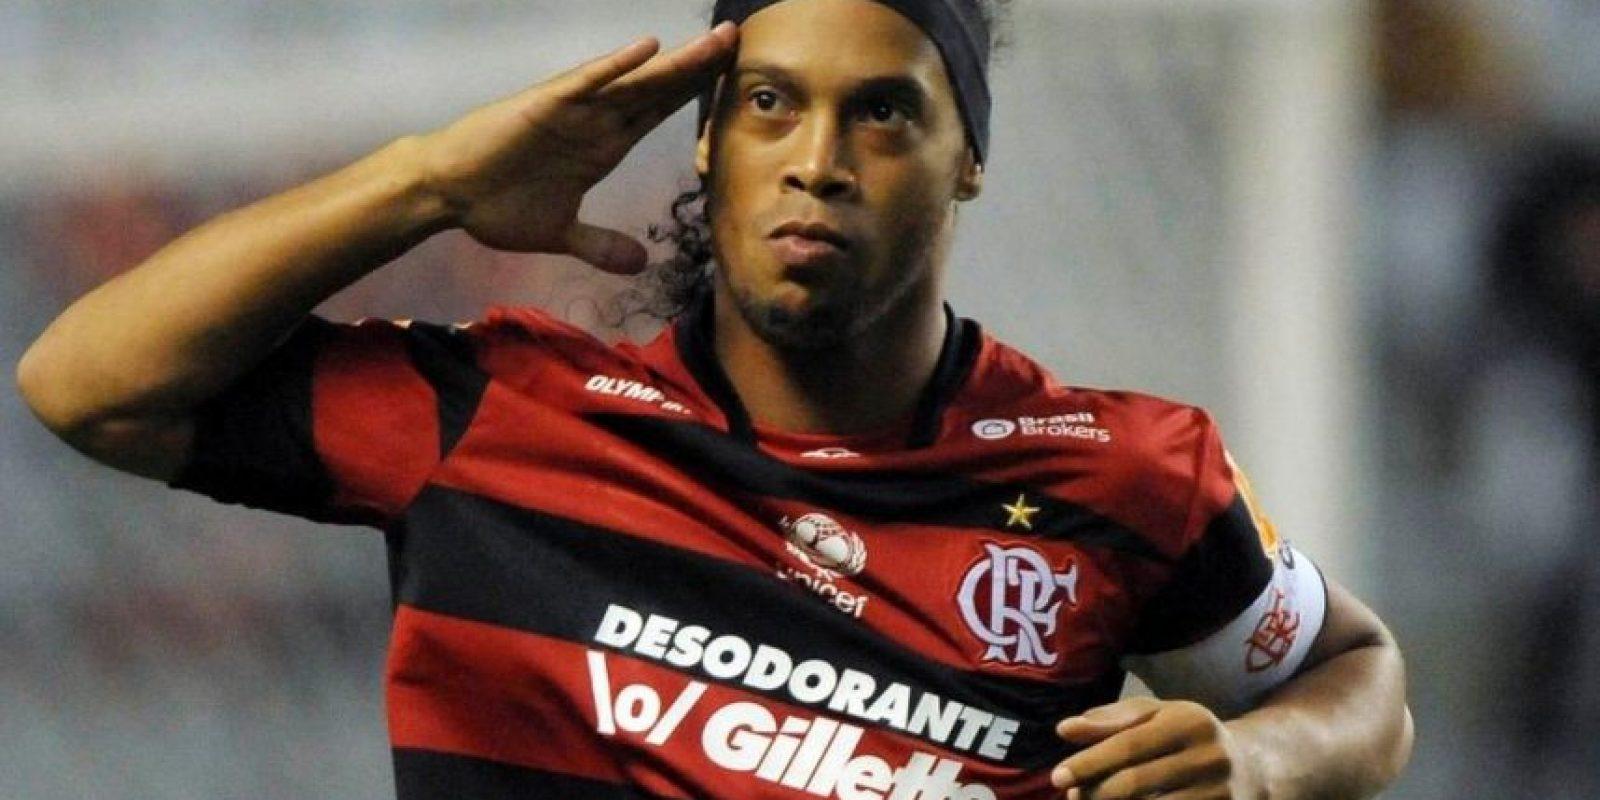 Regresó a Brasil y en el Flamengo estuvo de 2011 a 2012. Foto:Twitter